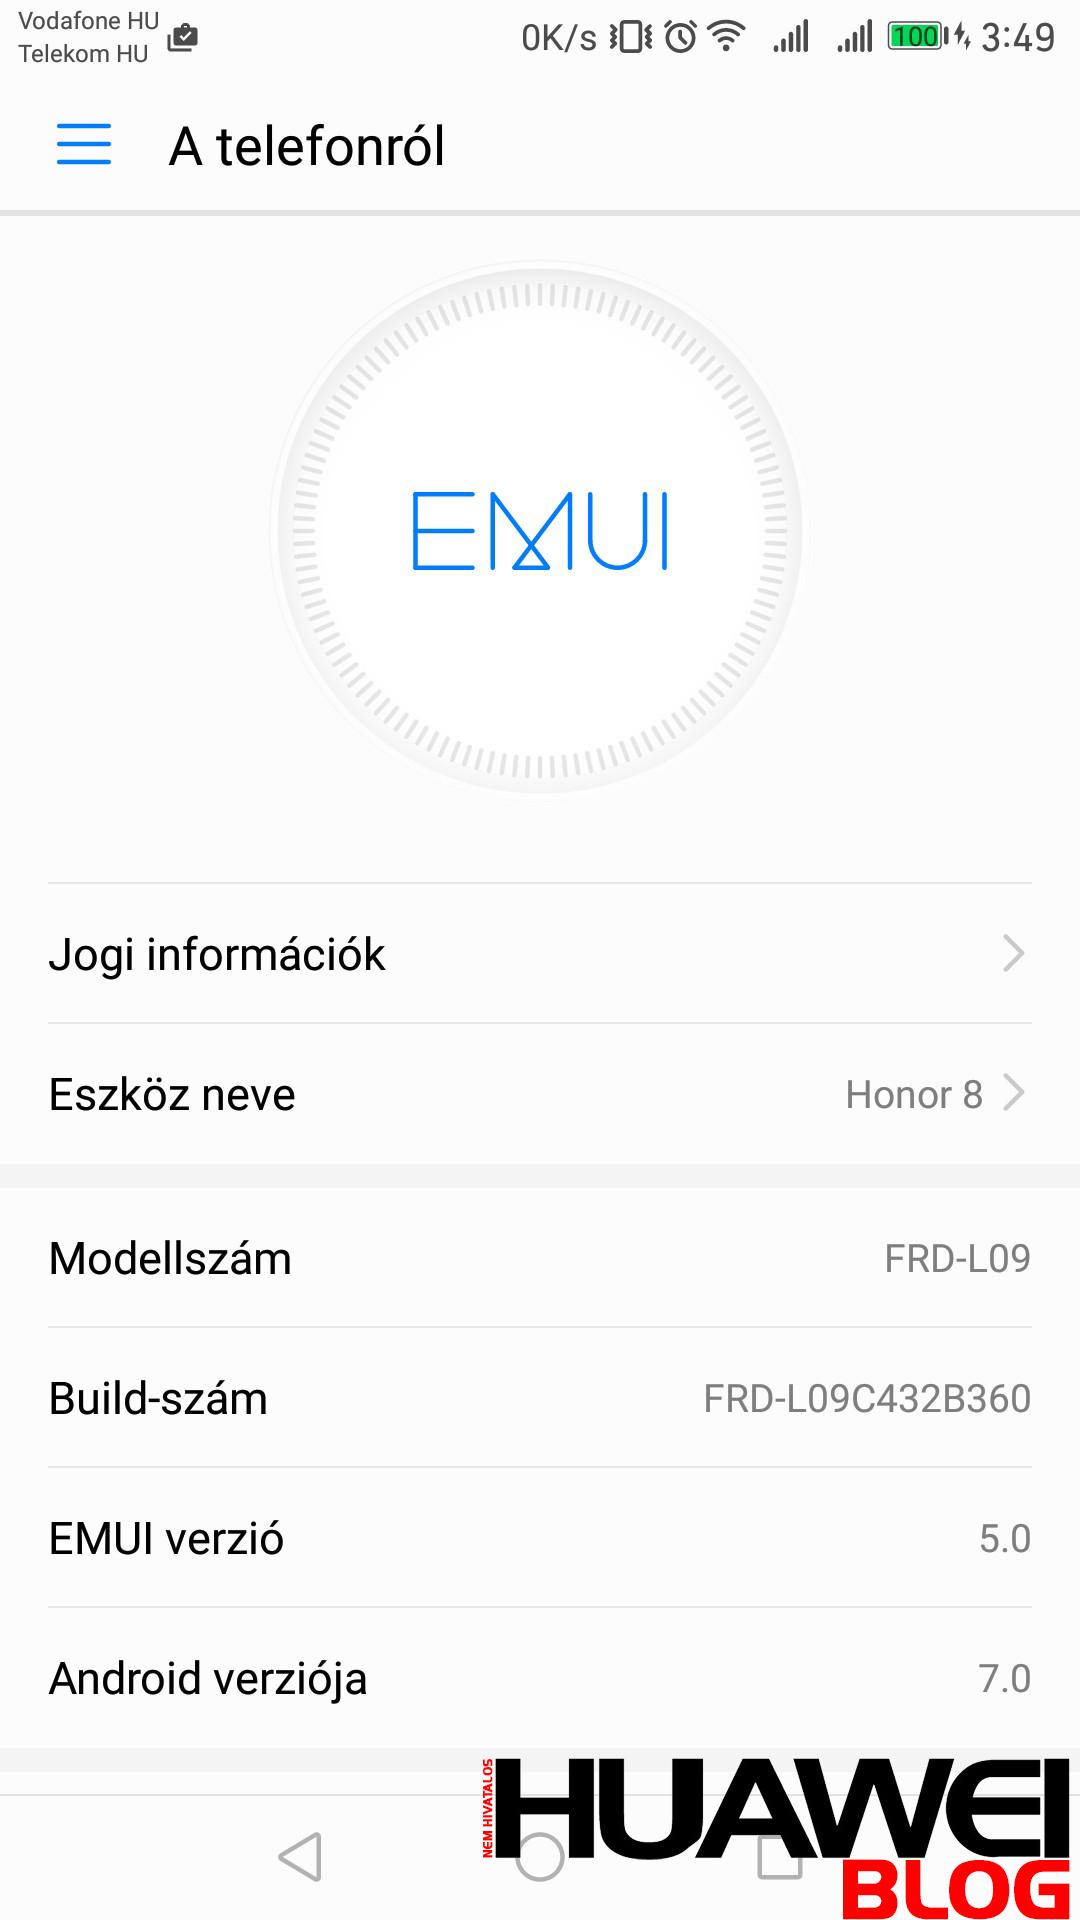 Honor 8 Android 7.0 és EMUI 5.0 frissítés